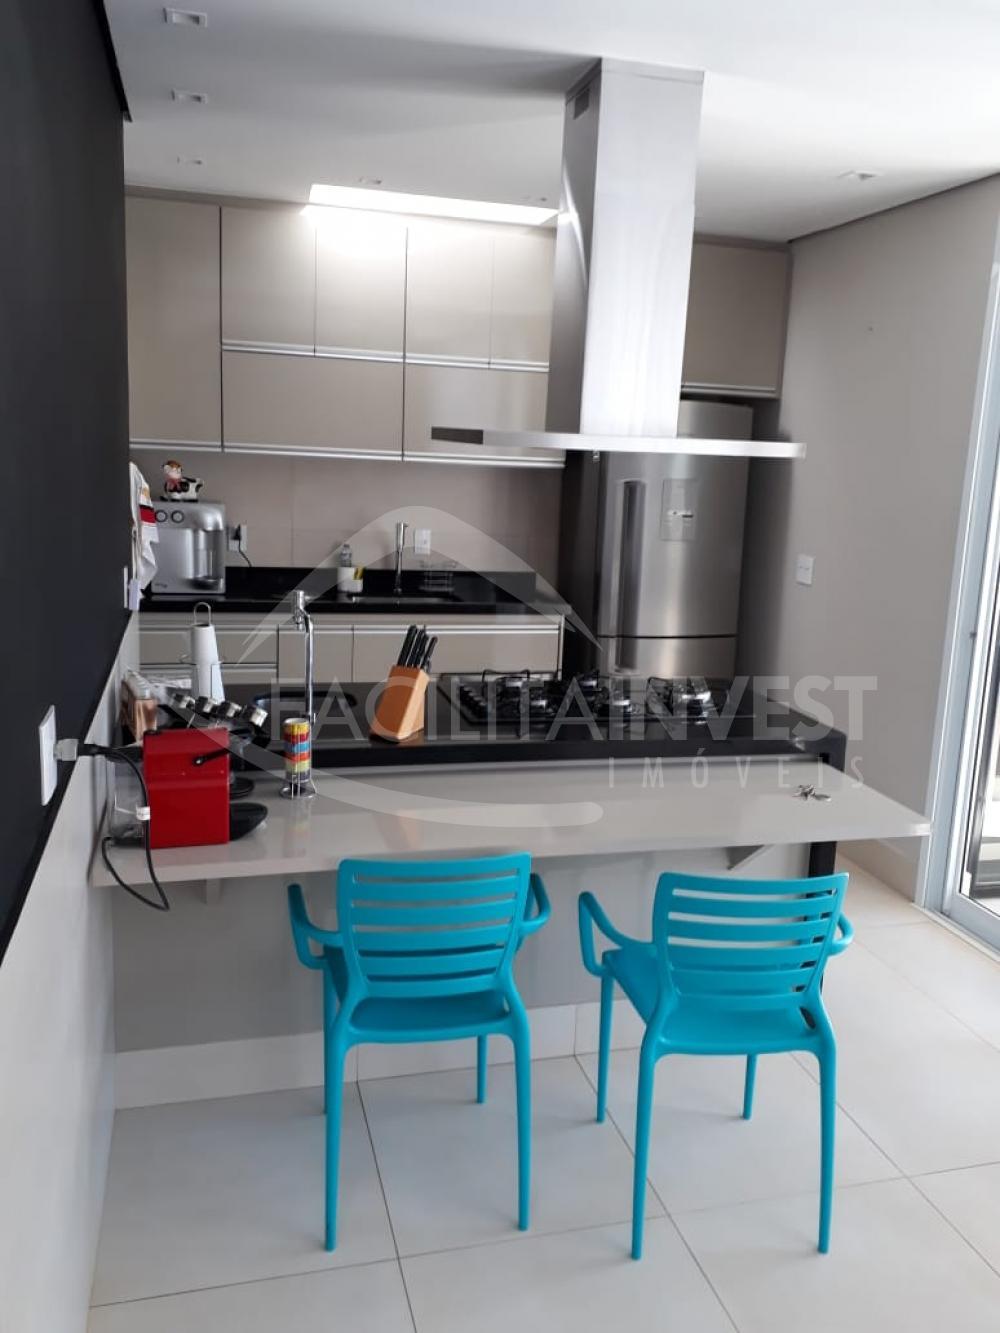 Comprar Casa Condomínio / Casa Condomínio em Ribeirão Preto apenas R$ 1.080.000,00 - Foto 23